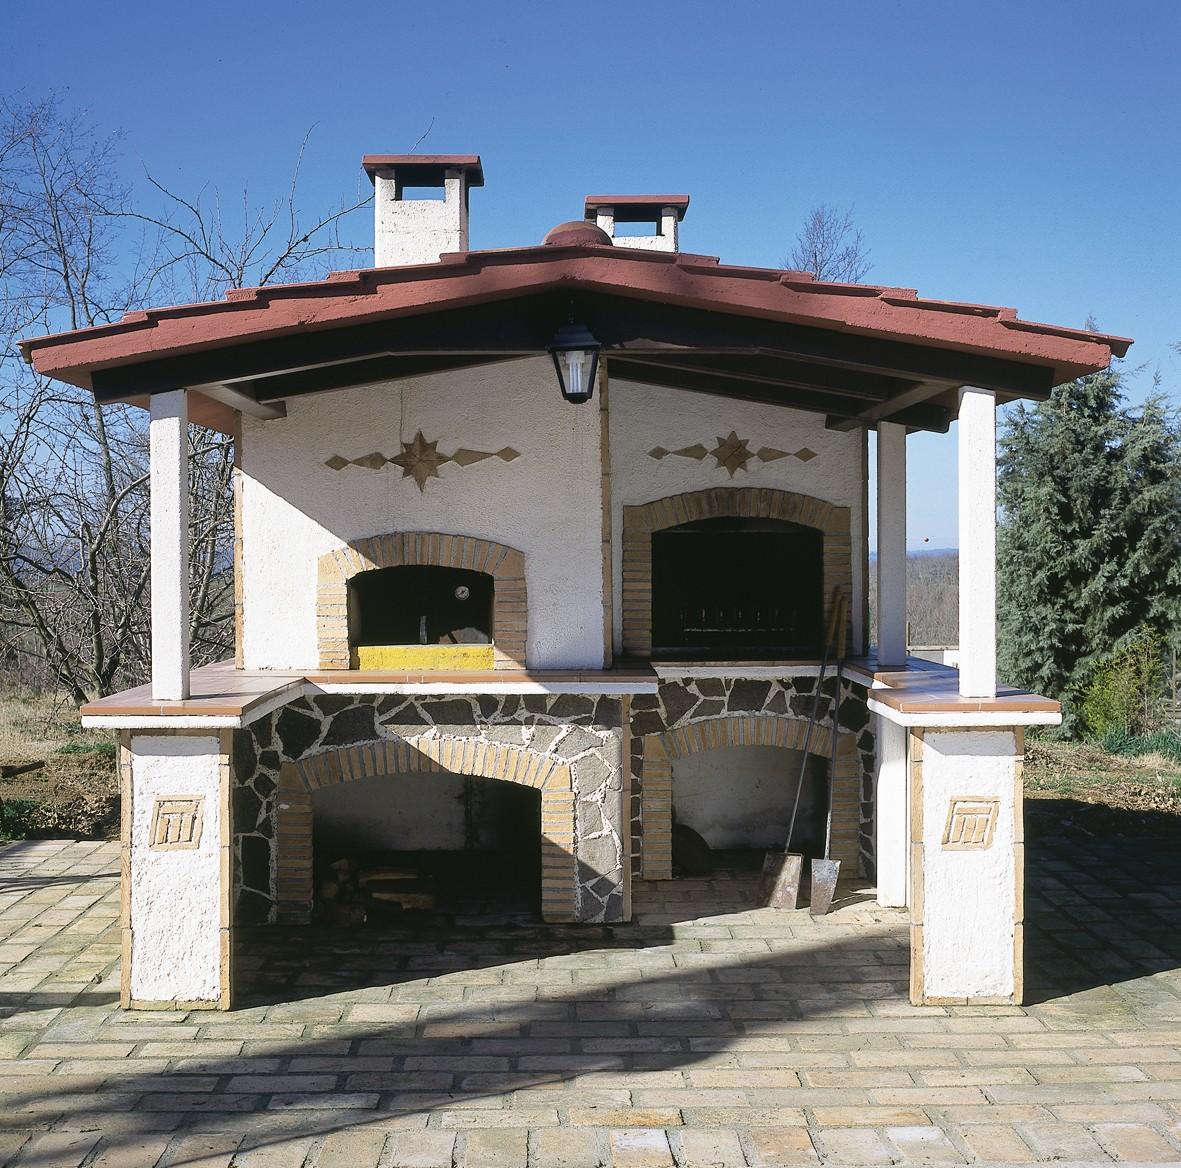 Idee balcone giardino con forno e barbecue da giardino for Barbecue in muratura obi